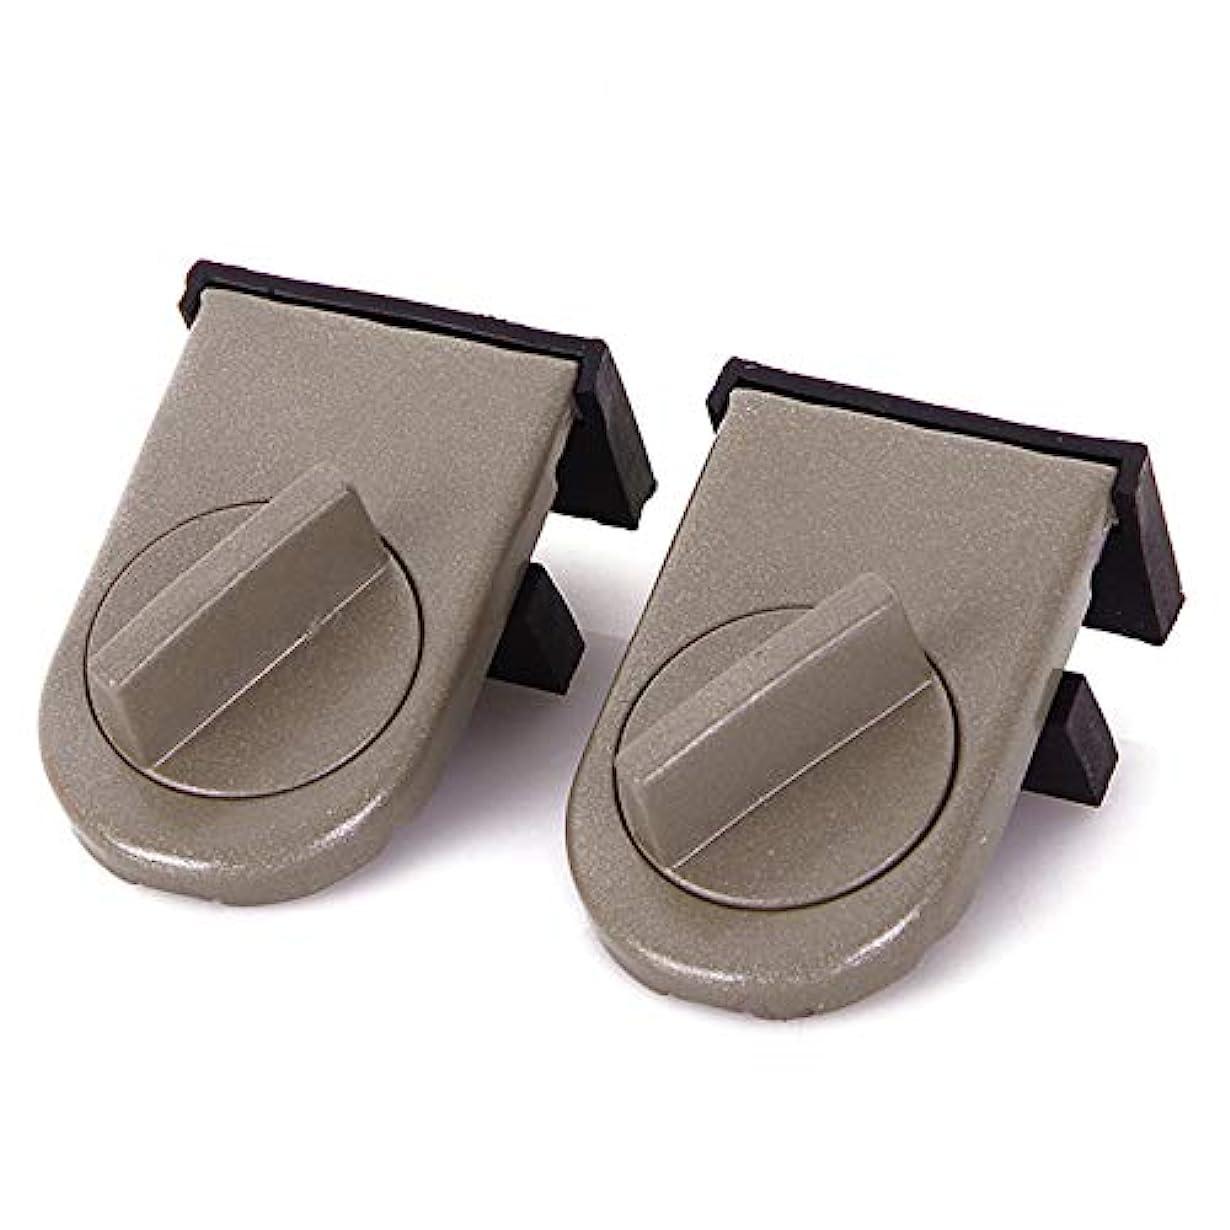 フィード異常な衣装HLLXHWZJ 2ピース調整可能な盗難防止安全スライディングウィンドウドアロック制限セキュリティウィンドウサッシストッパー